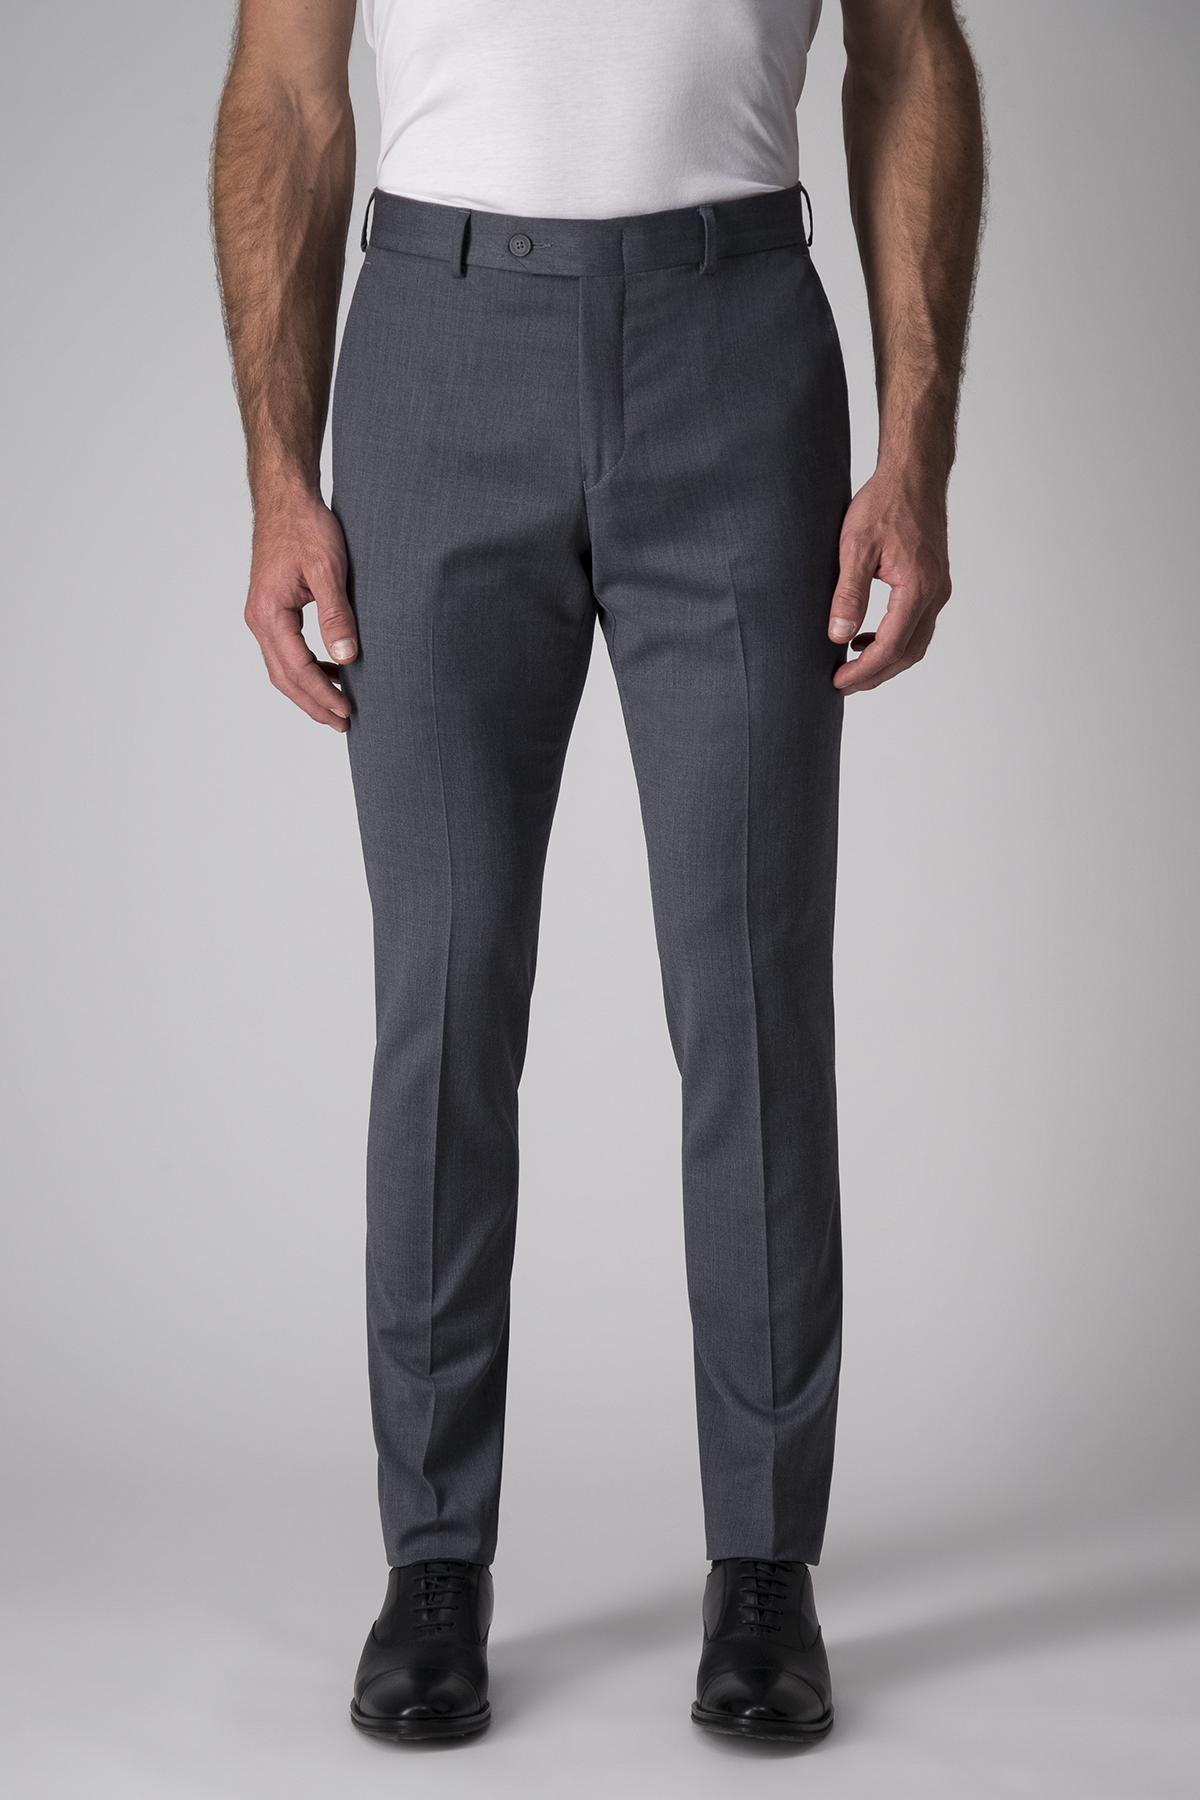 Pantalón Robert´s color gris medio, lana y elastano- stretch